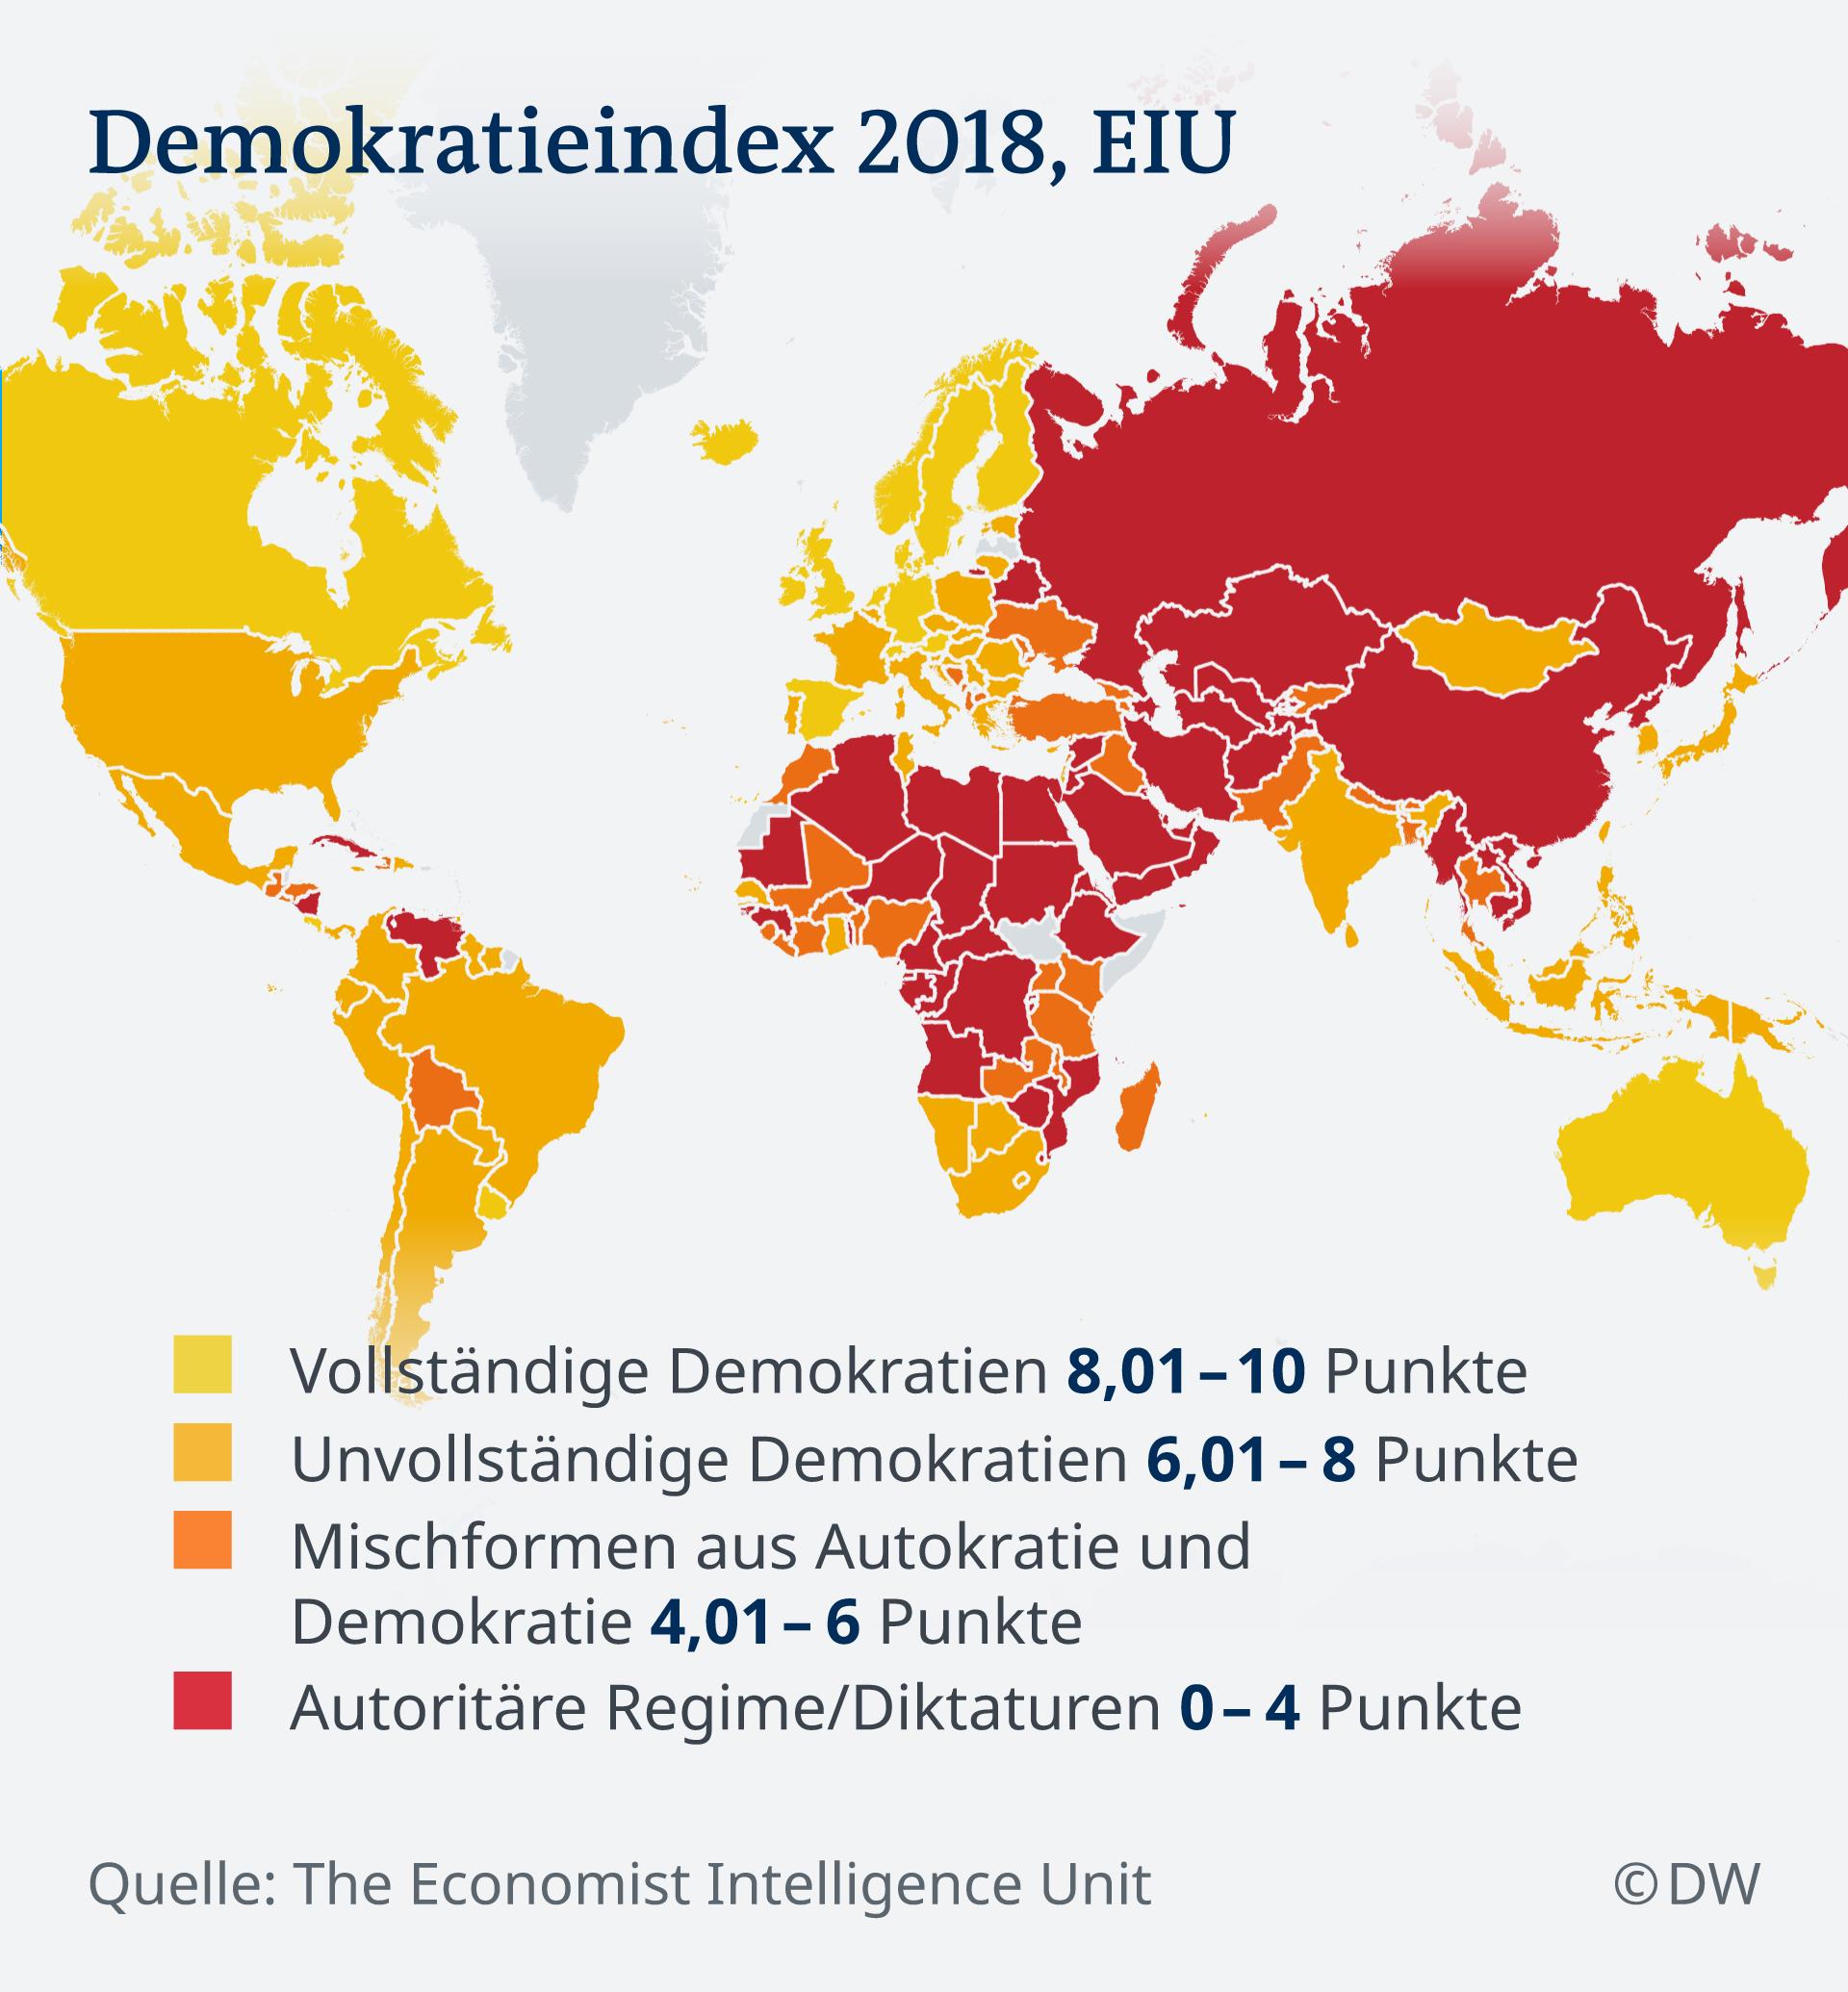 Demokratieindex Demokratie Weltweit Weiter Unter Druck Wirtschaft